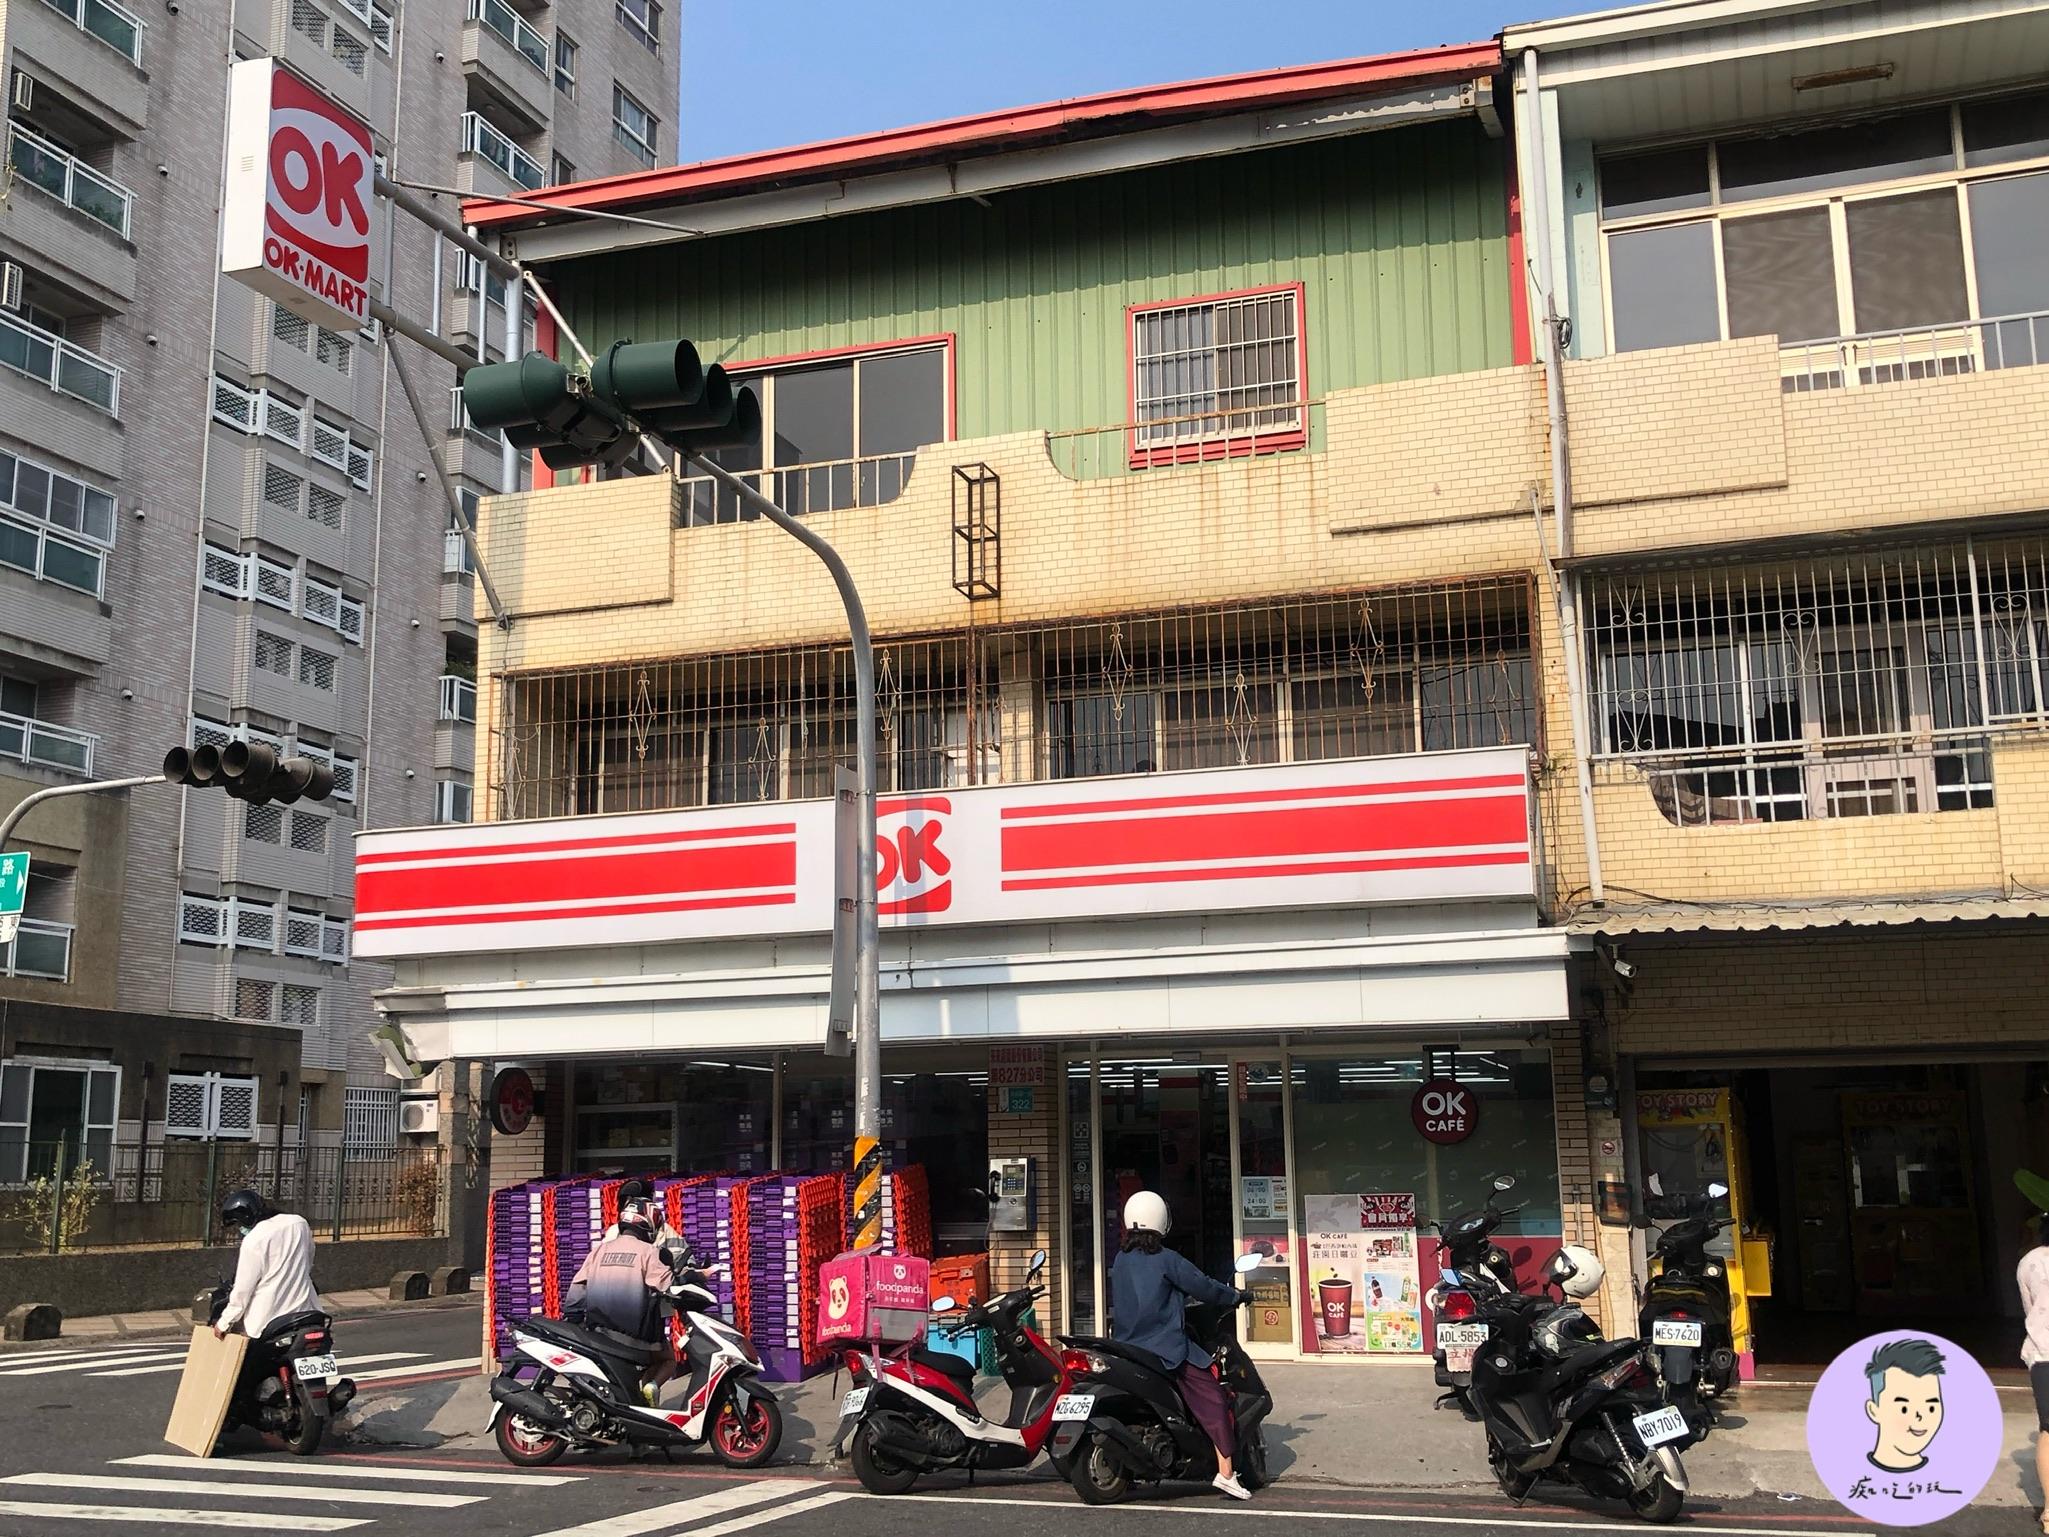 【台南奇景】台南市區最狂OK超商!!! 被便利商店耽誤的物流中心 這兩間OK超商 裡外根本就是貨物山XDD